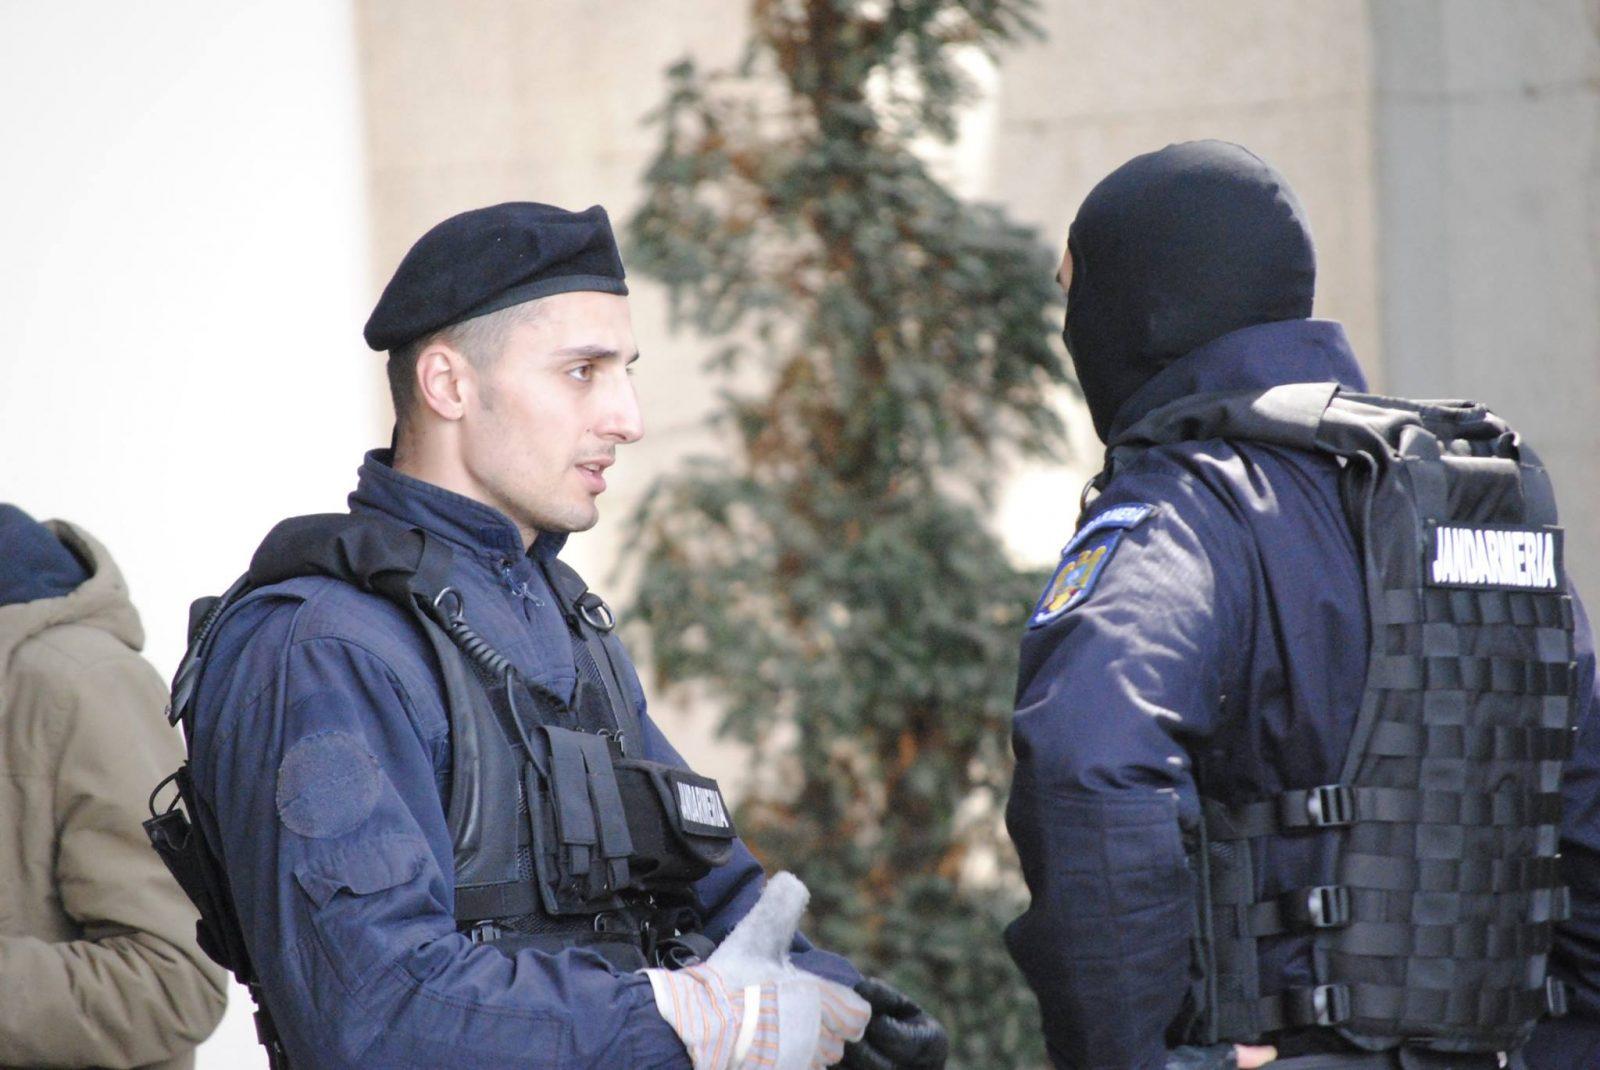 Peste 150 de jandarmi vor fi prezenți pe străzi de Revelion și în zilele următoare